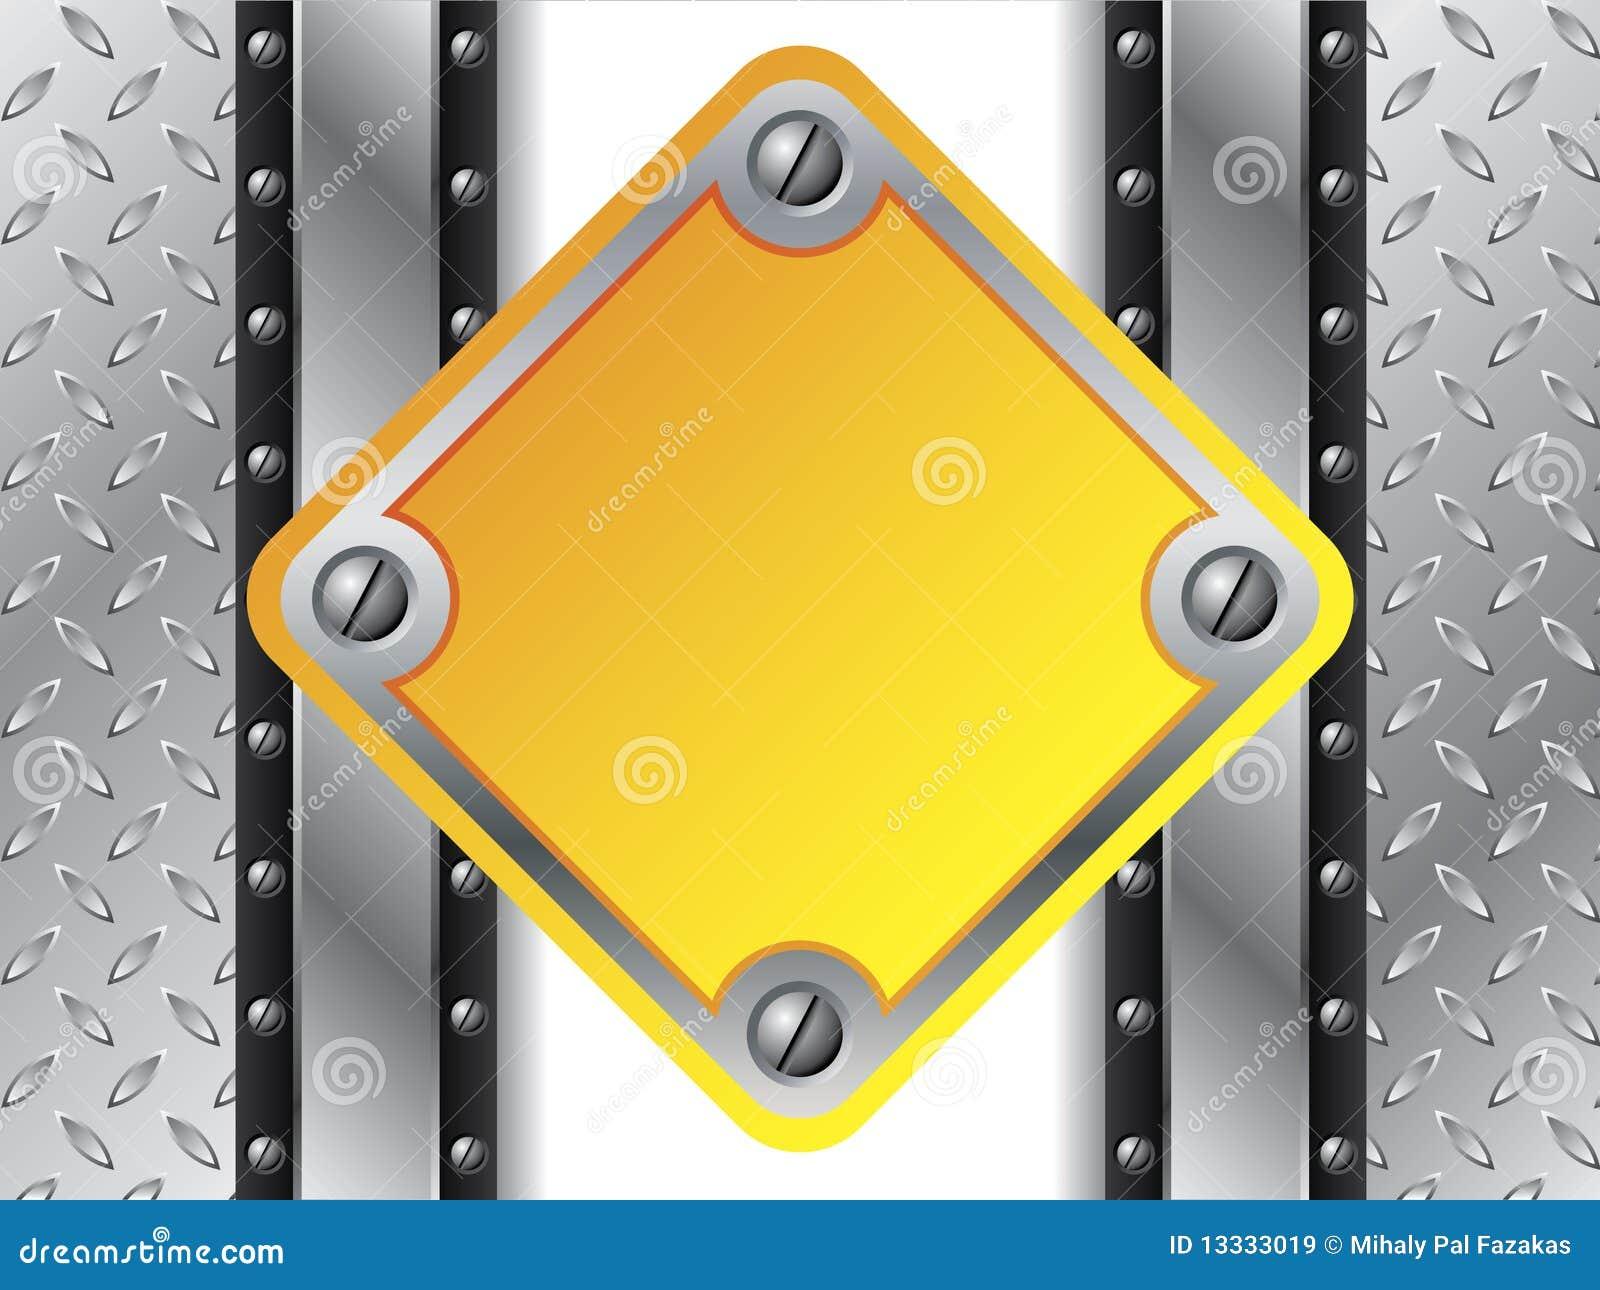 Kruszcowy półkowy kolor żółty